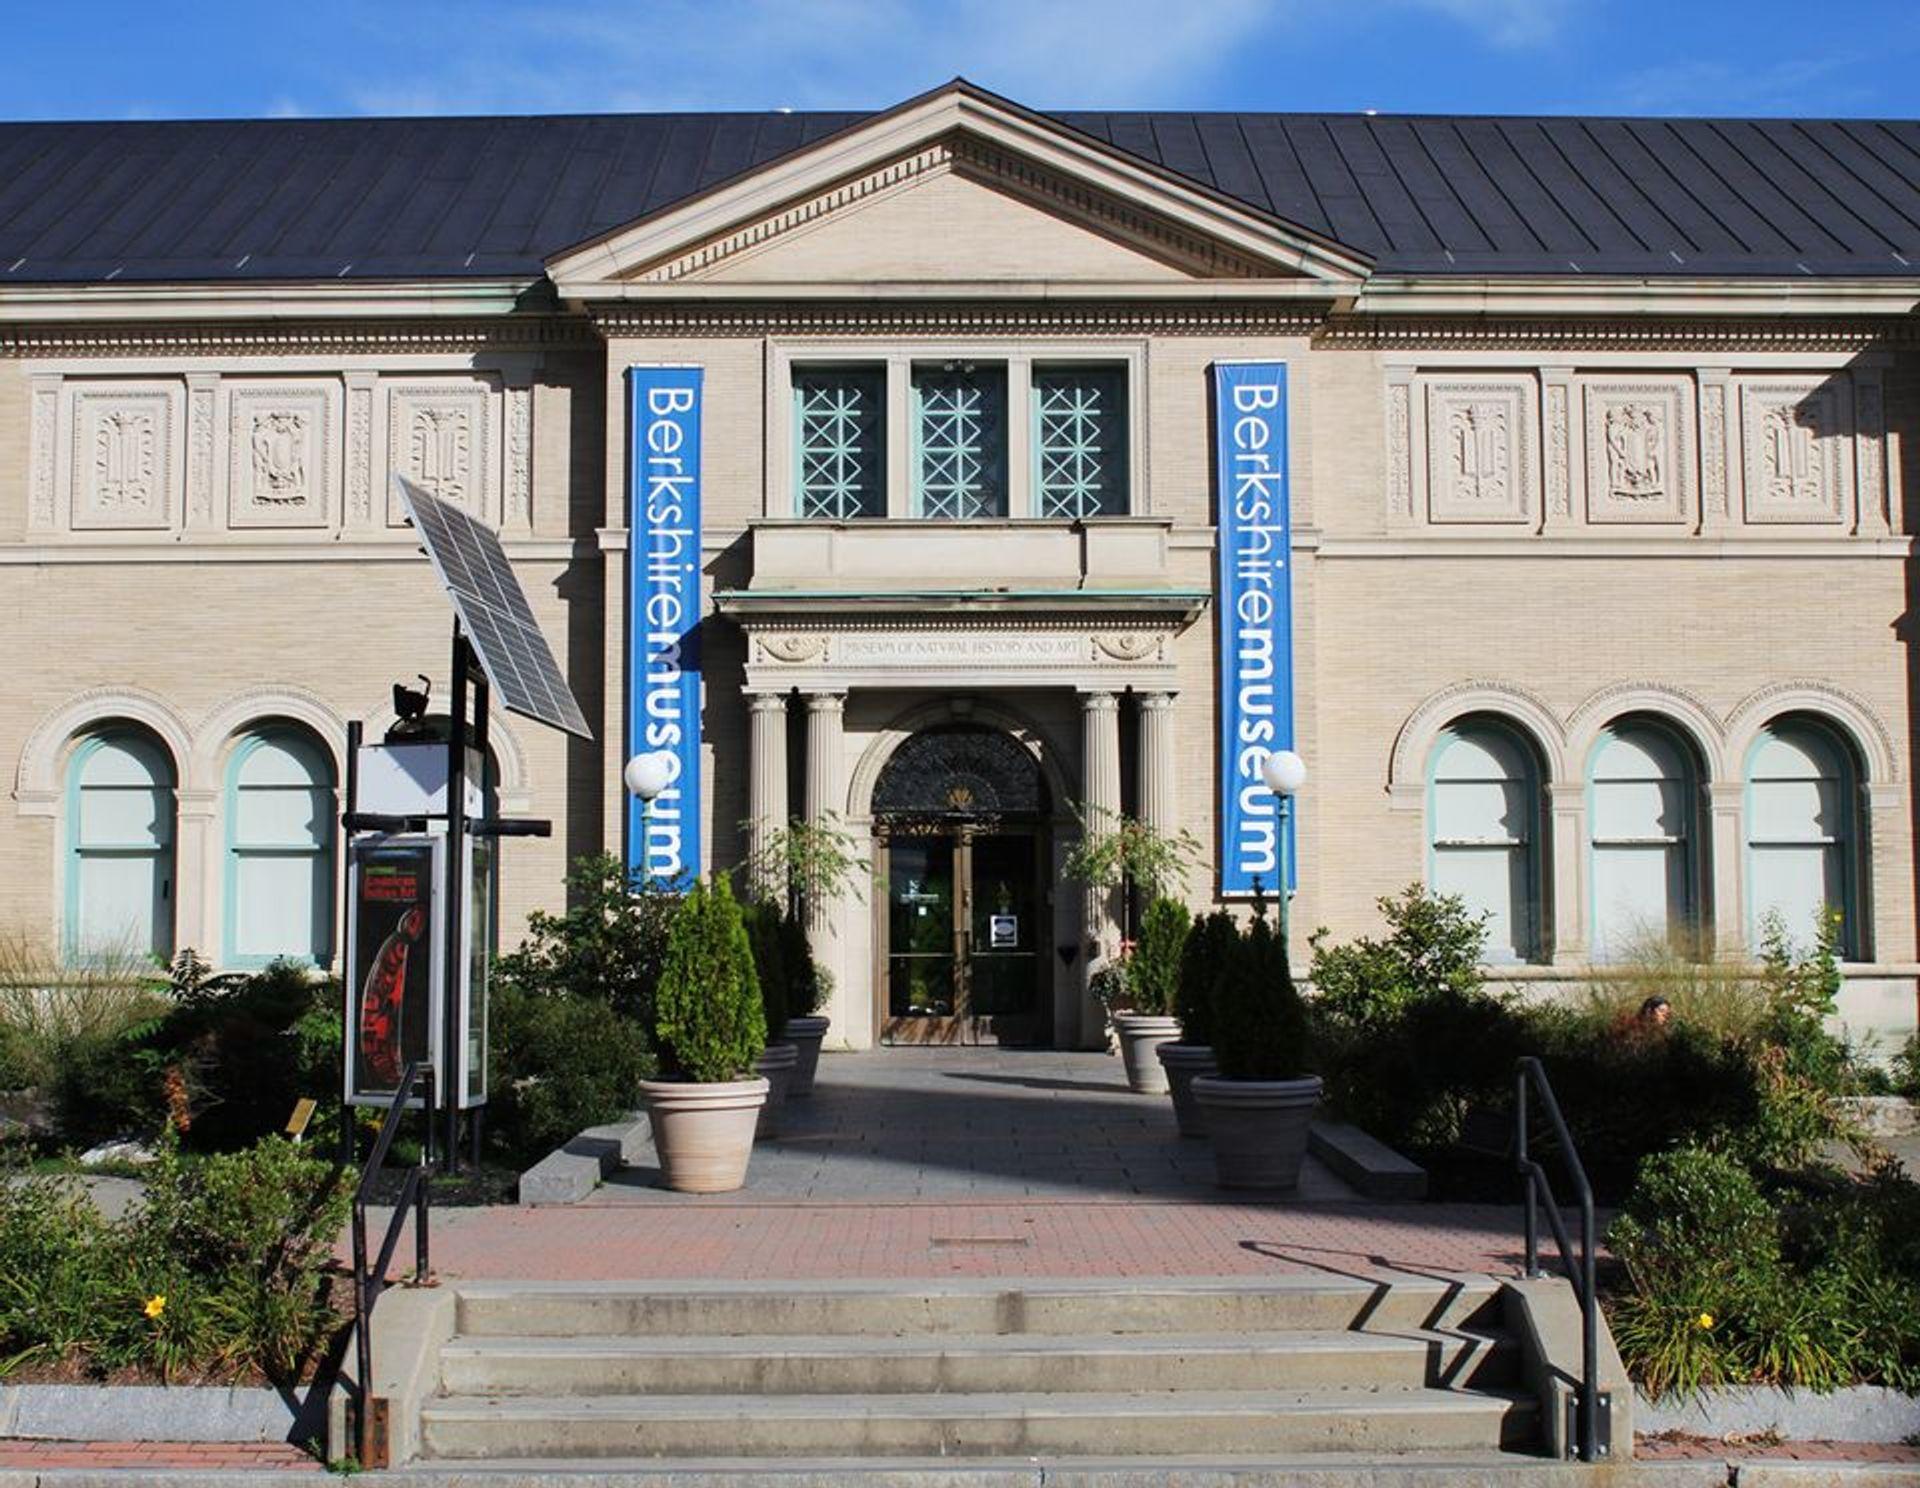 The Berkshire Museum in Pittsfield, Massachusetts